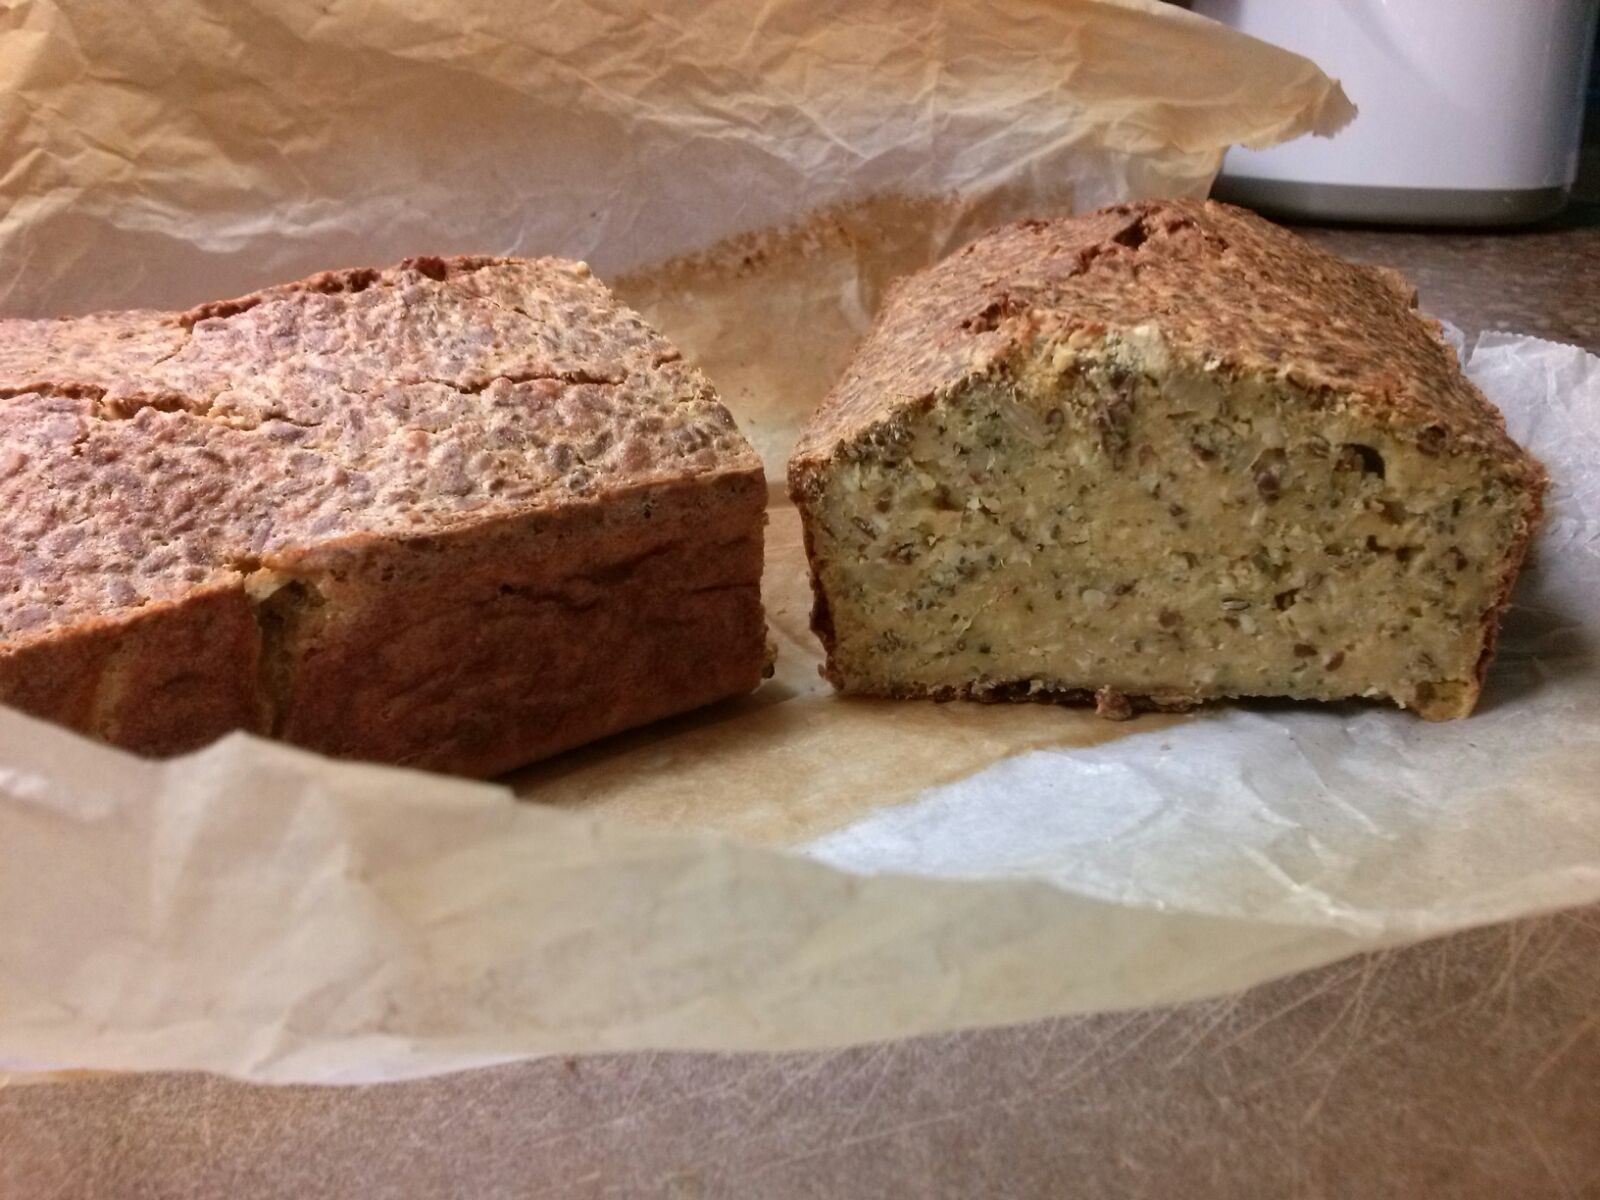 Recept voor Superfood eiwitrijk brood uit Jamie's Superfood